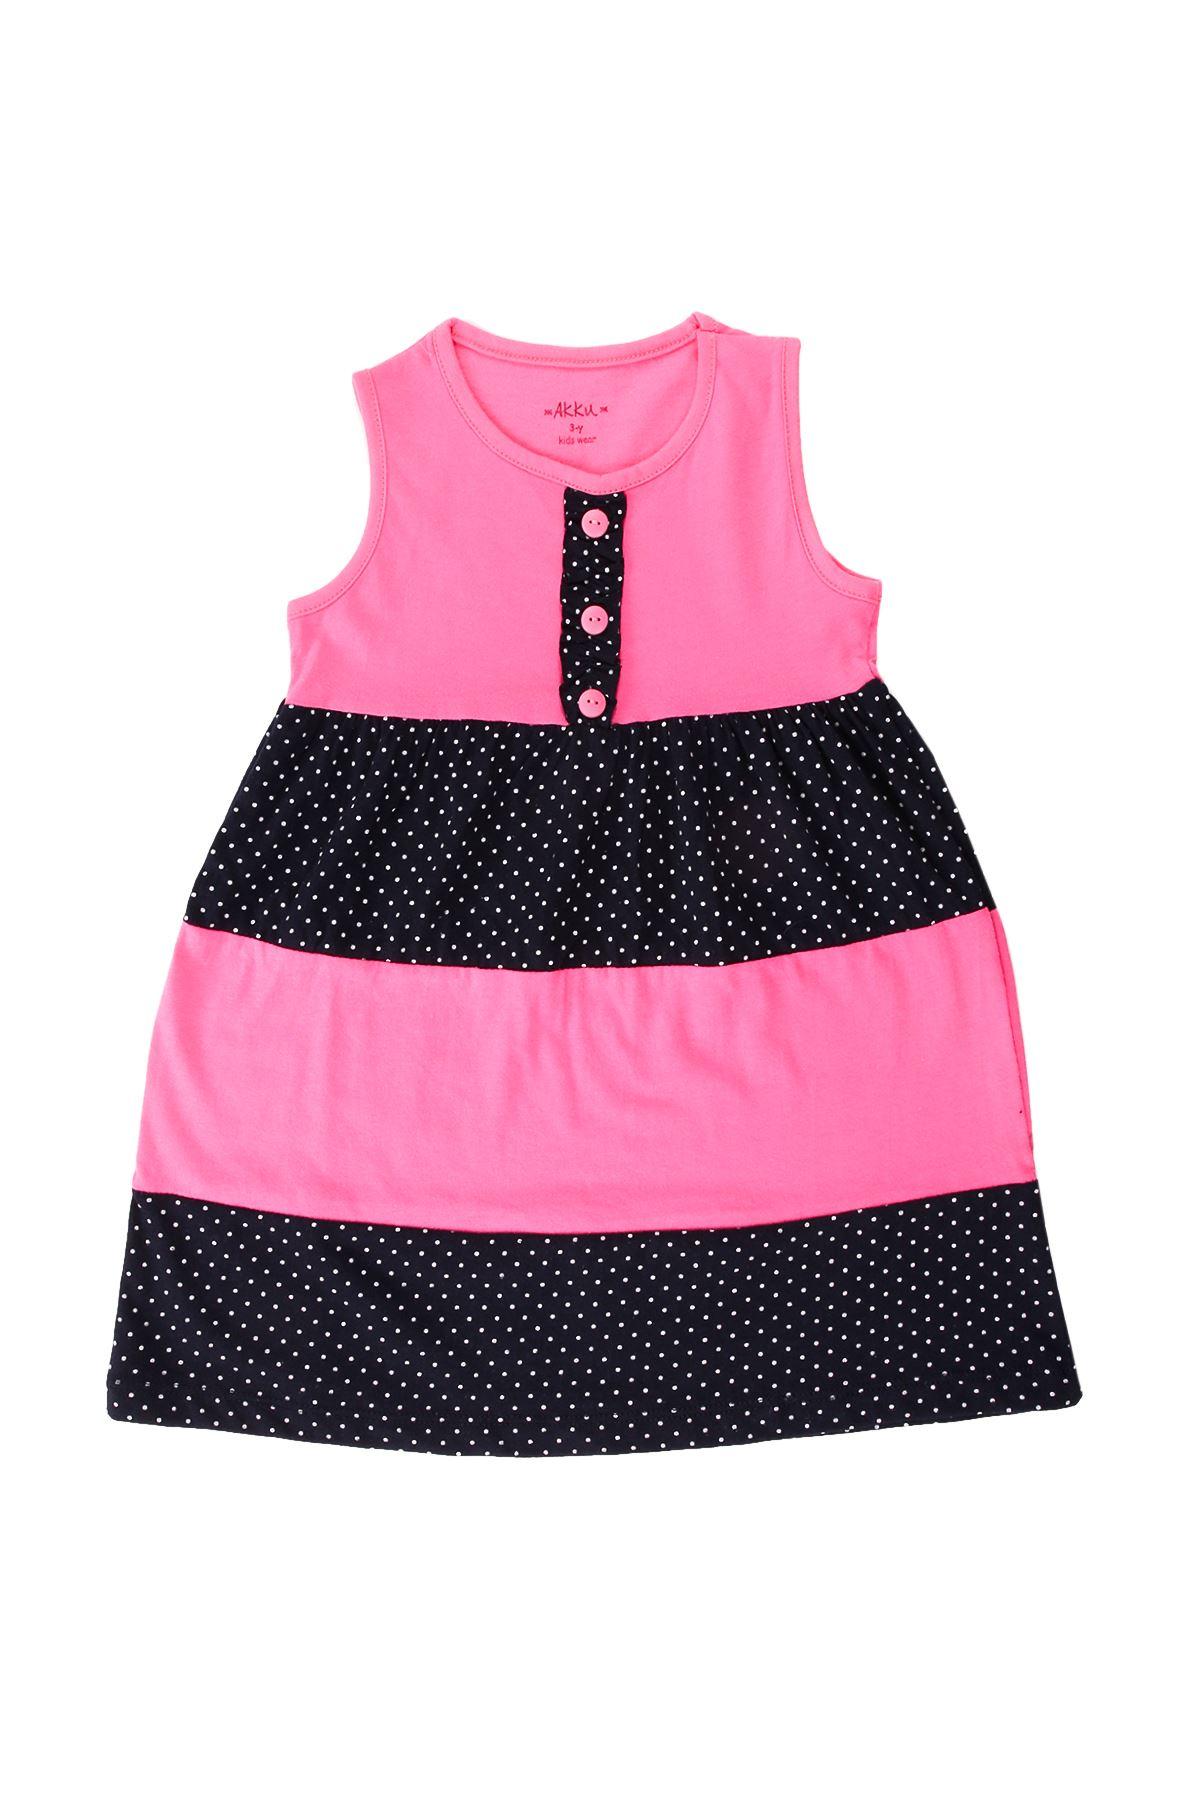 Kız Çocuk Parçalı Düğmeli Lacivert Elbise